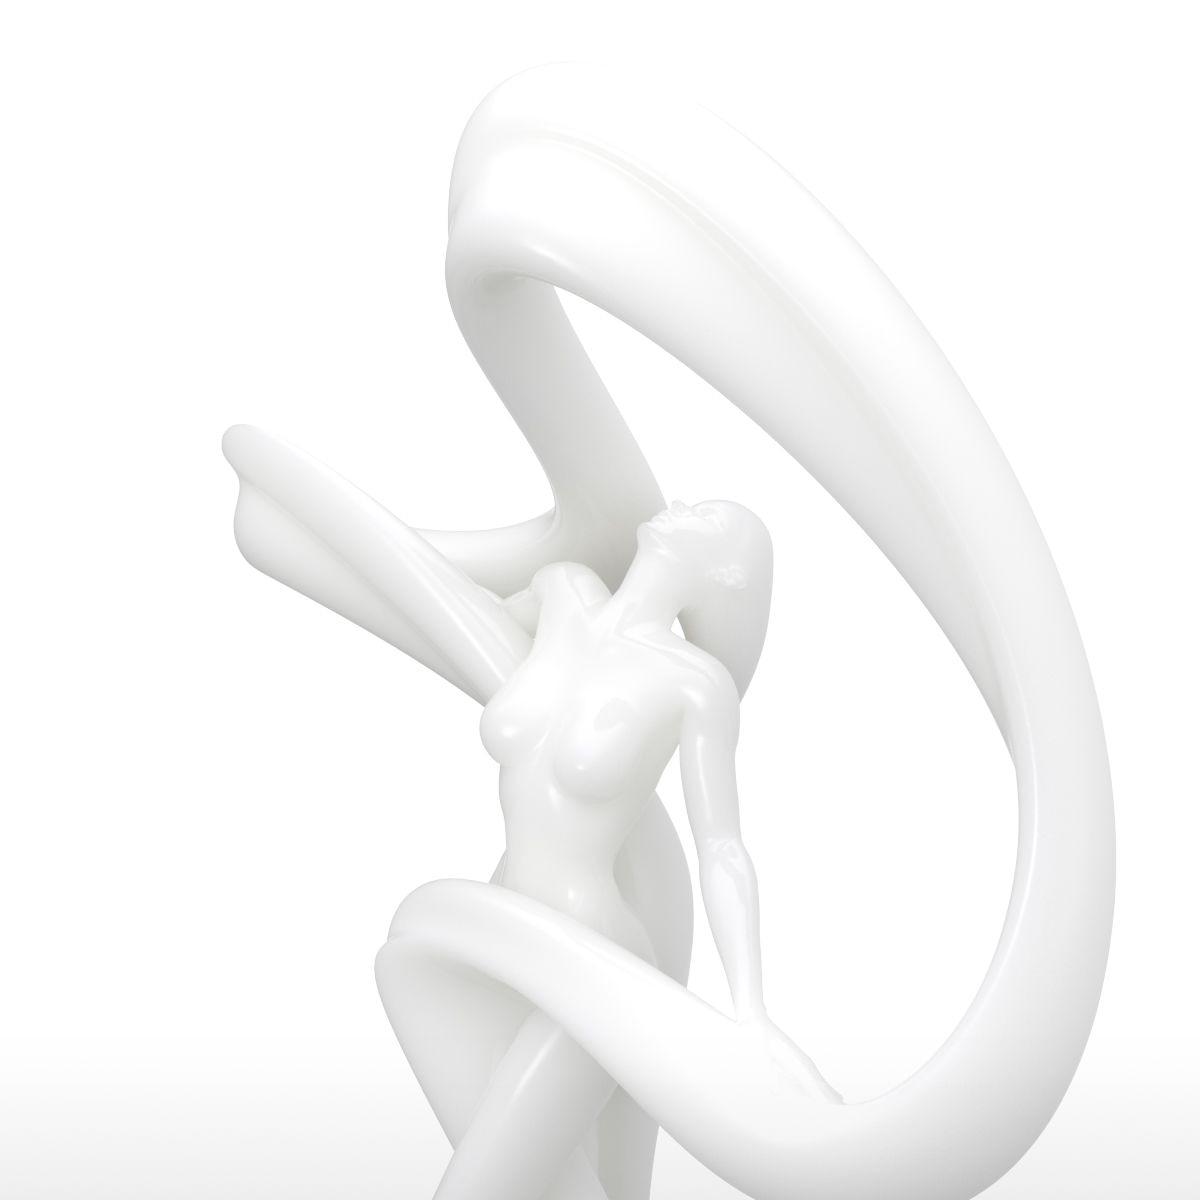 Schon Ungew Hnlich Interieur Design Dreidimensionaler Skulptur Fotos